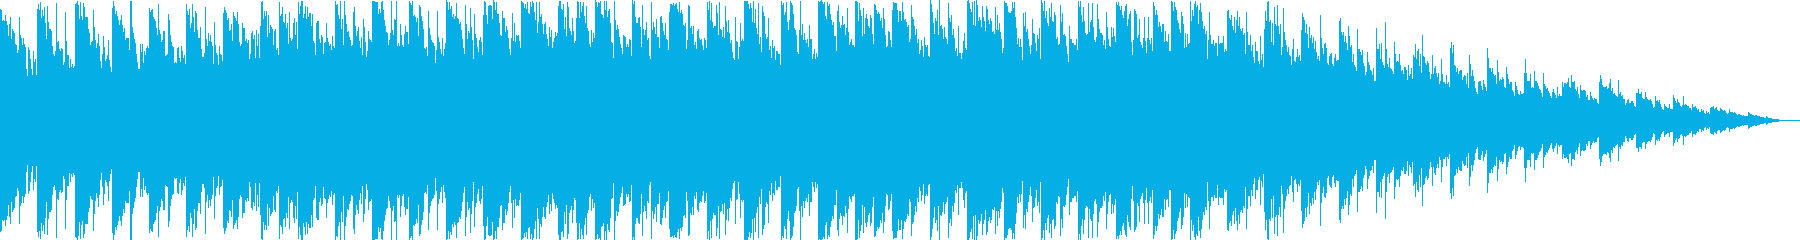 クリスマス系のキラキラした曲 の再生済みの波形